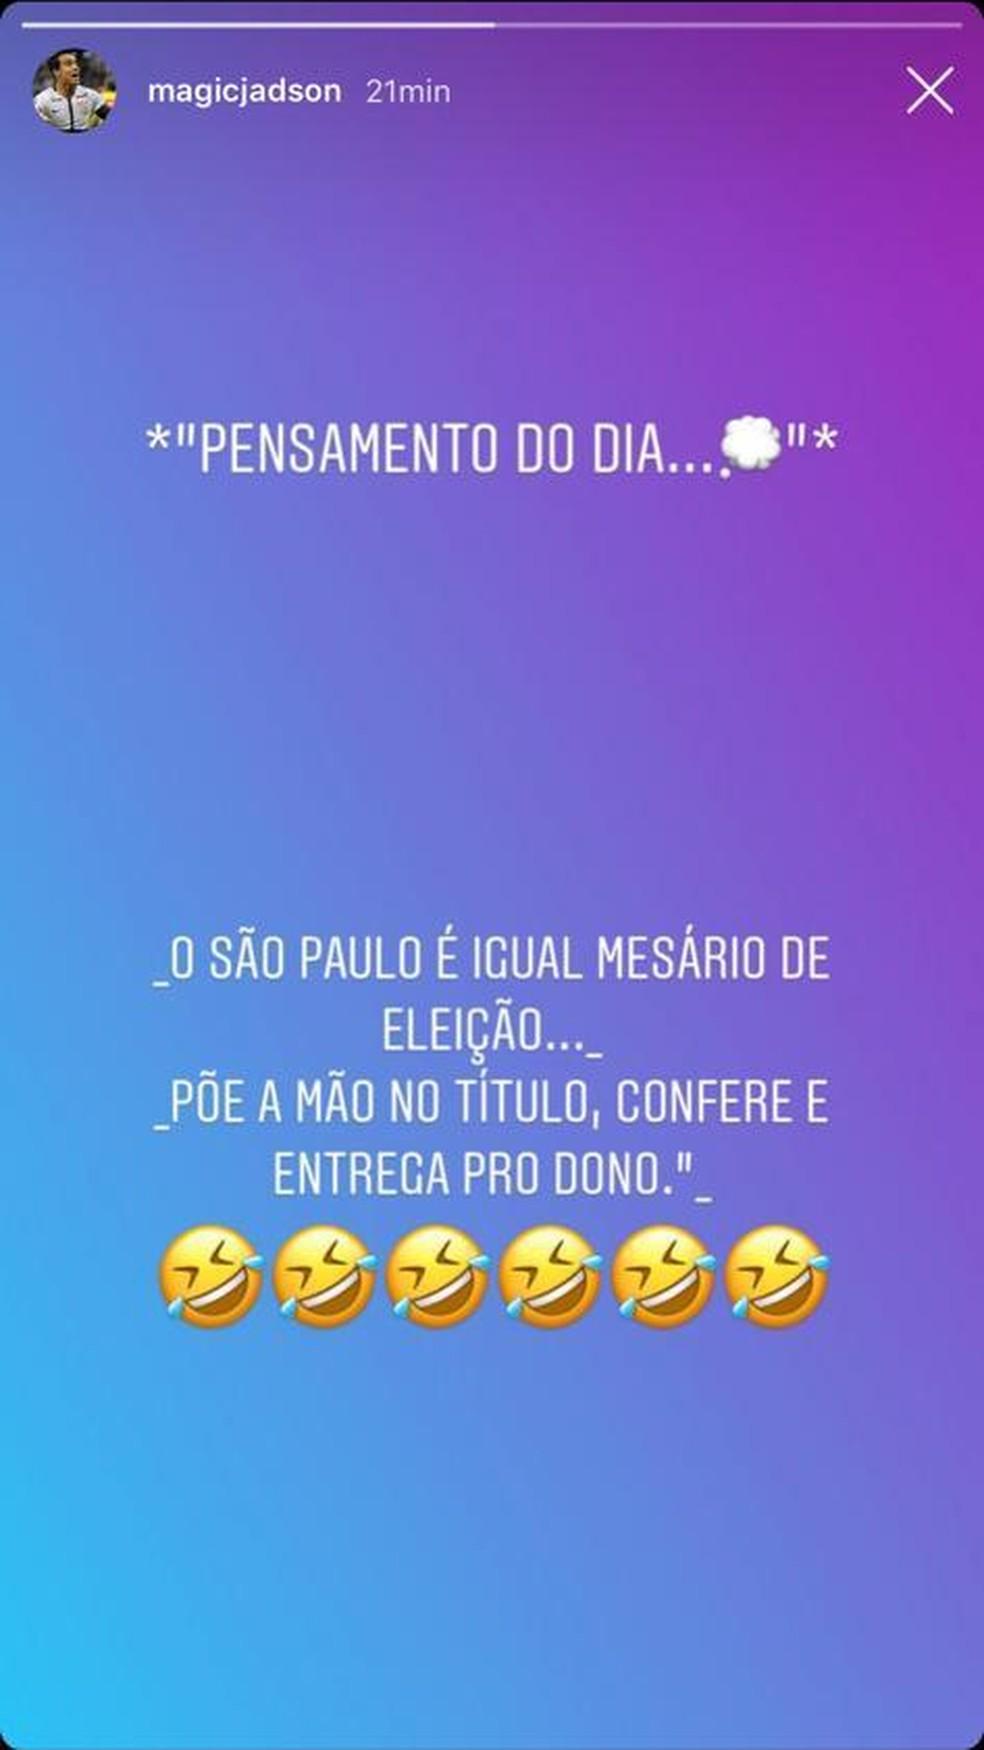 Jadson provoca São Paulo no instagram — Foto: Reprodução